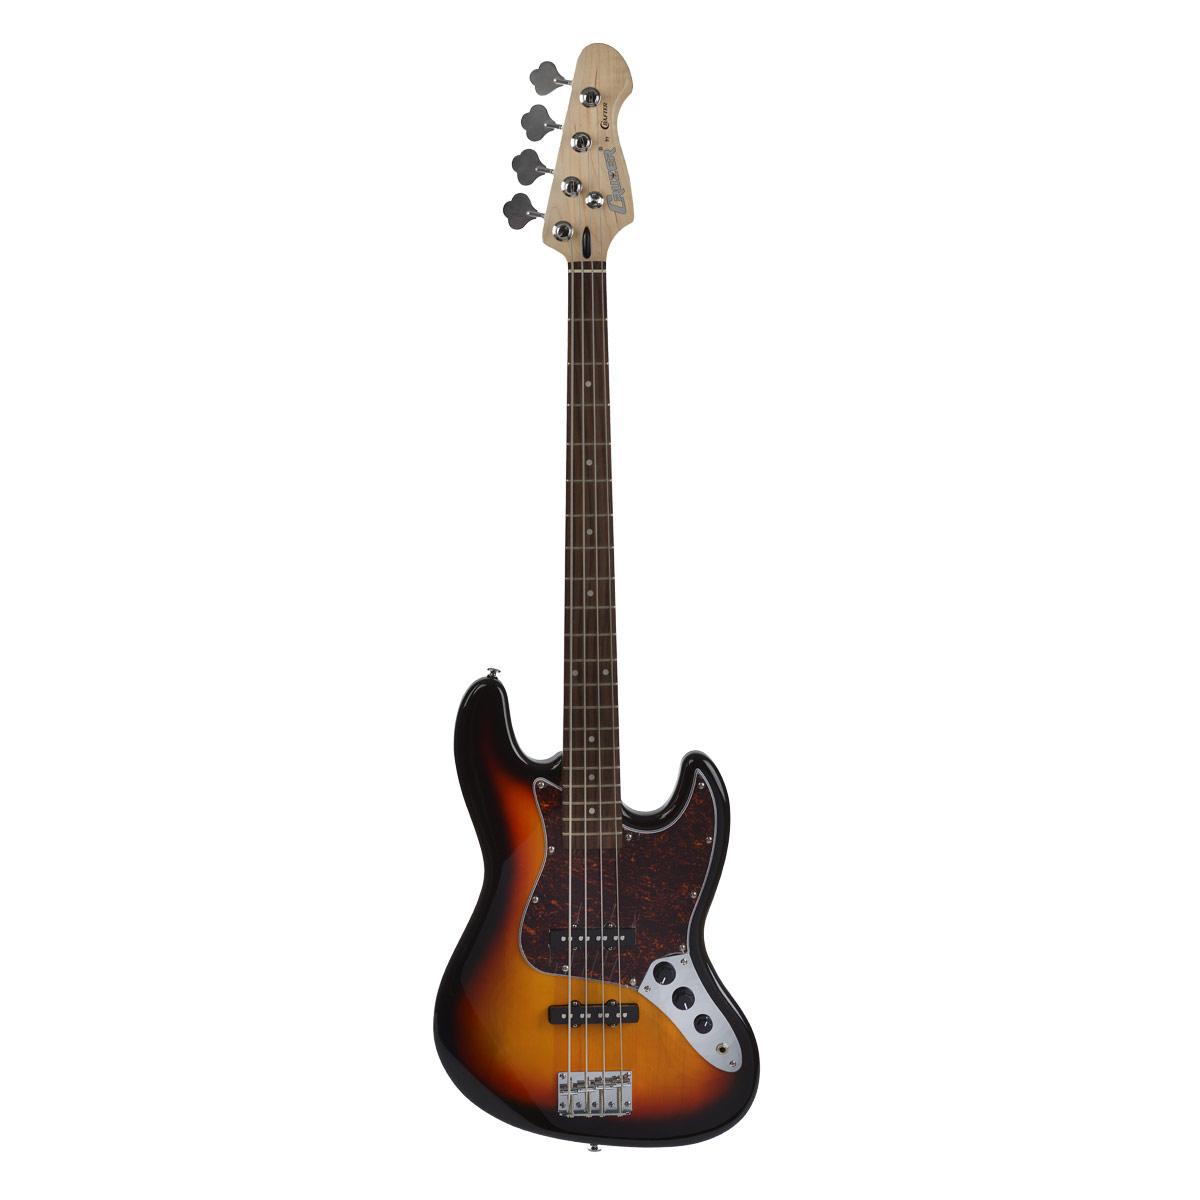 Cruzer JB-450/3TS, Sunburst бас гитараJB-450/3TSCruzer JB-450/3TS – это удобная и практичная гитара с прекрасным соотношением цена-качество без наценки на имя. Эта доступная копия знаменитой гитары Fender JAZZ BASS прекрасно подойдет для игры в различных стилях музыки, таких как фанк, диско, регги, блюз, хэви-метал, джаз, фьюжн и многое другое. Классический для бас-гитар корпус, кленовый гриф с палисандровой накладной позволяют добиться необходимого вам звучания, придавая плотность при жесткой игре, а так же точное глубокое и почти рояльное звучание при мягкой и вибратной игре. Благодаря двум синглам звук становится яркий и звонкий, Cruzer JB-450/3TS идеально подойдет не только для аккомпанемента, но и для соло.